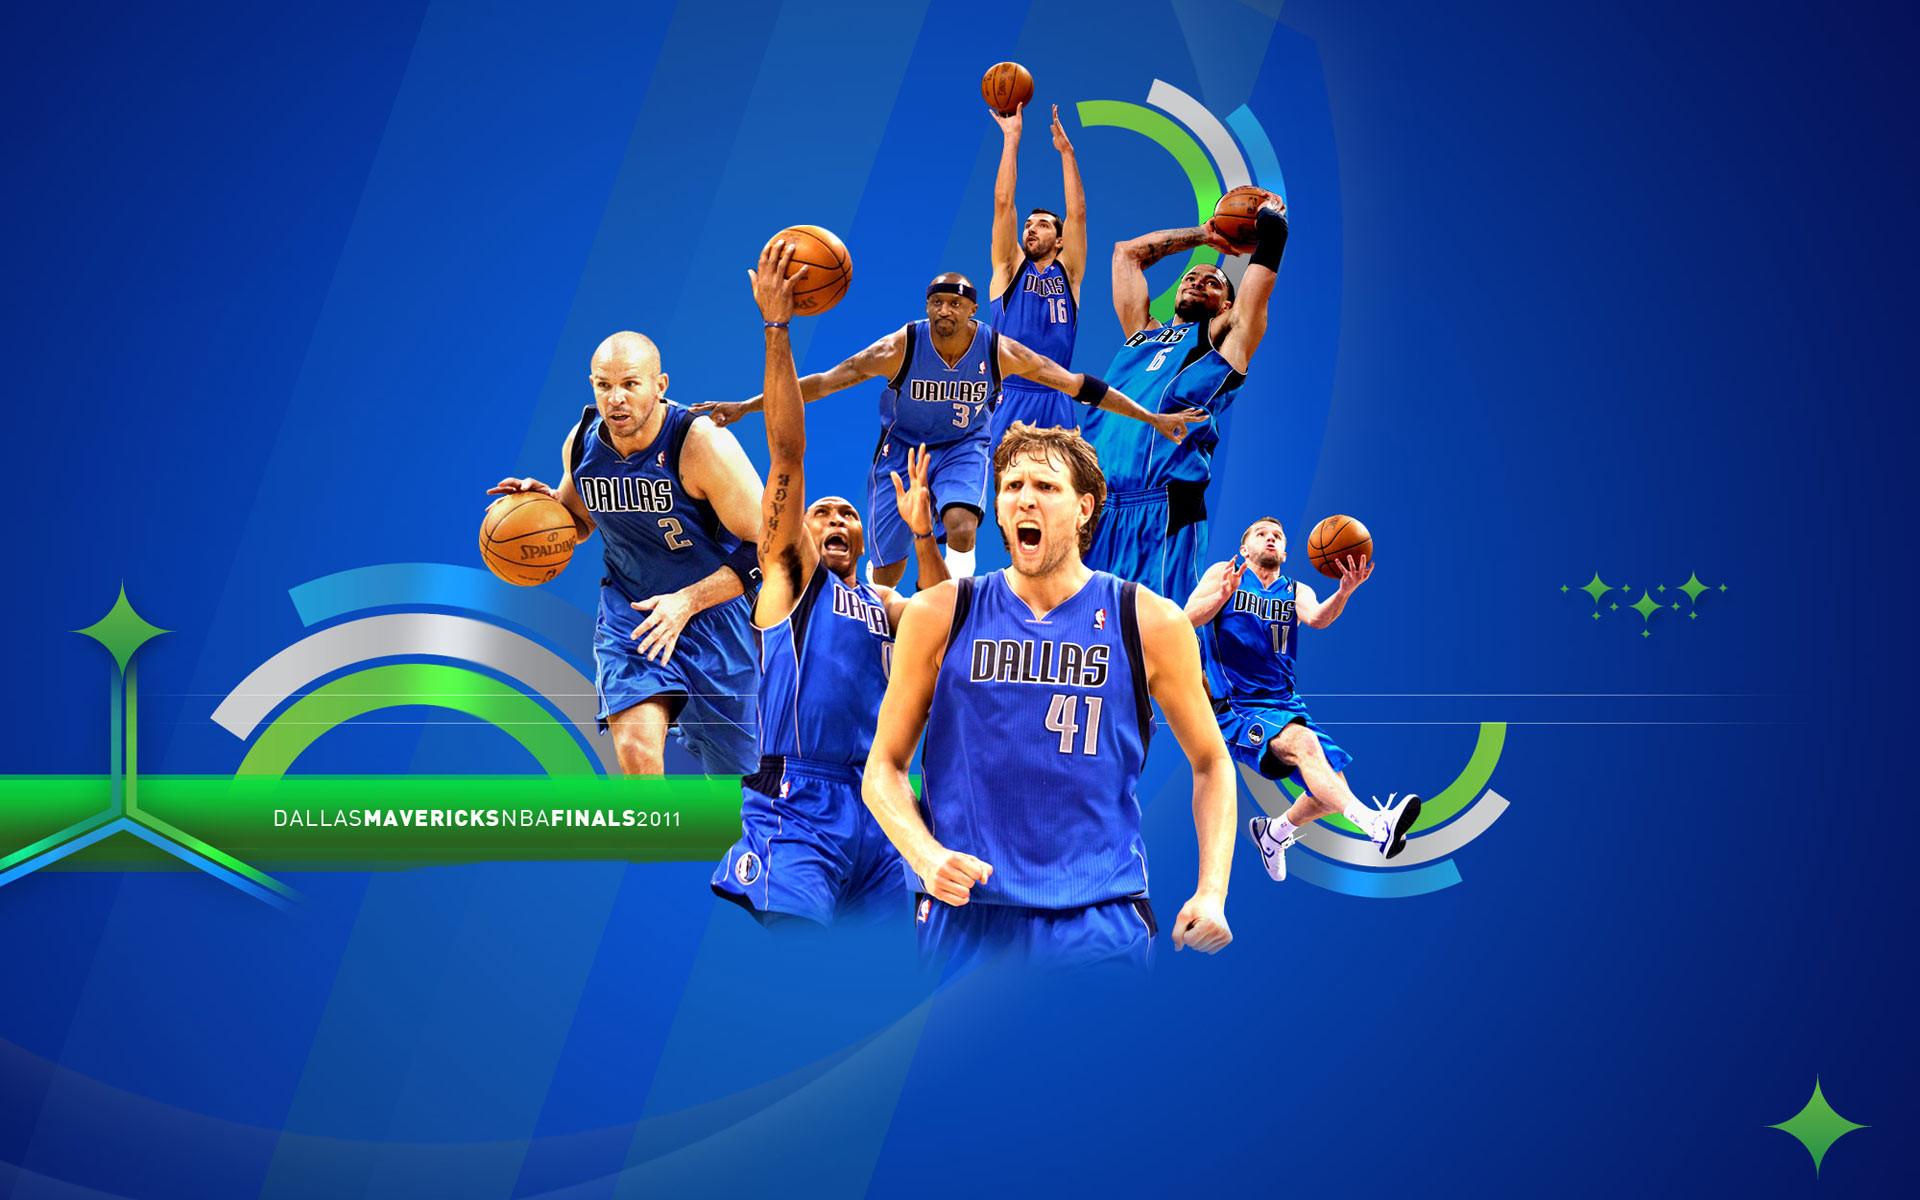 Dallas Mavericks 2011 NBA Finals Widescreen Wallpaper